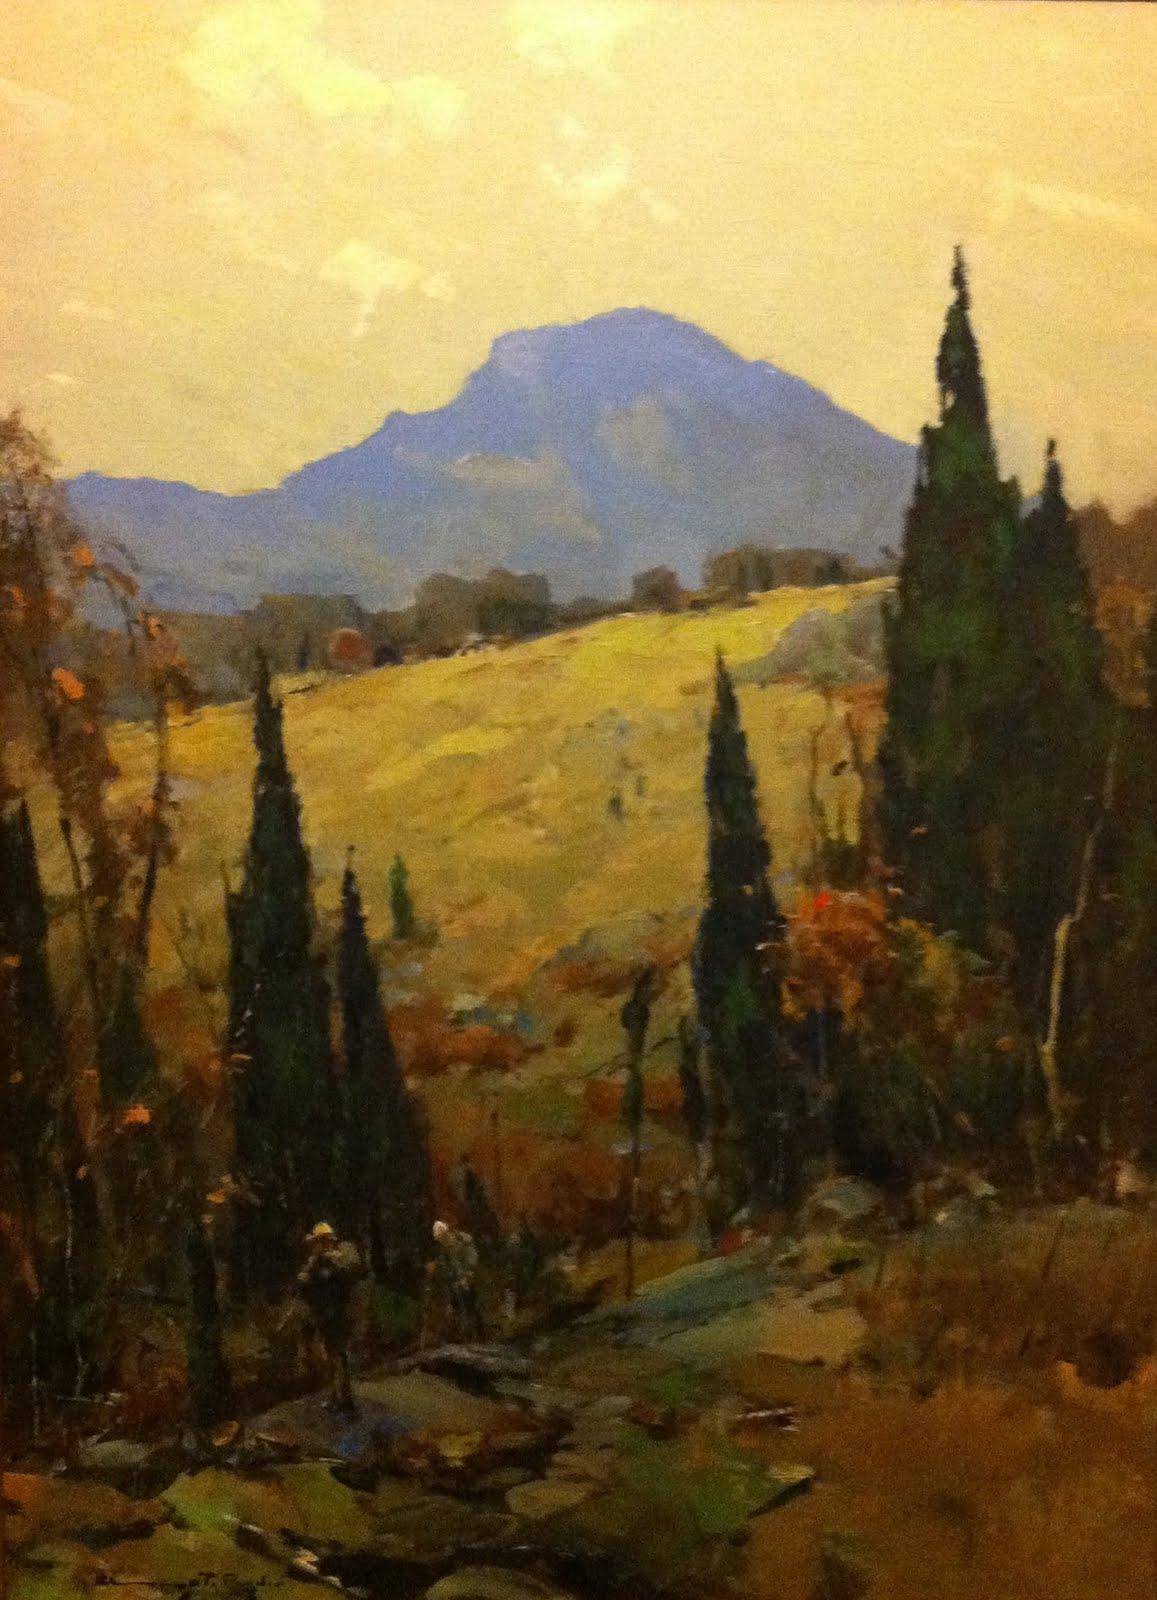 Christopher Volpe S Art Blog November 2010